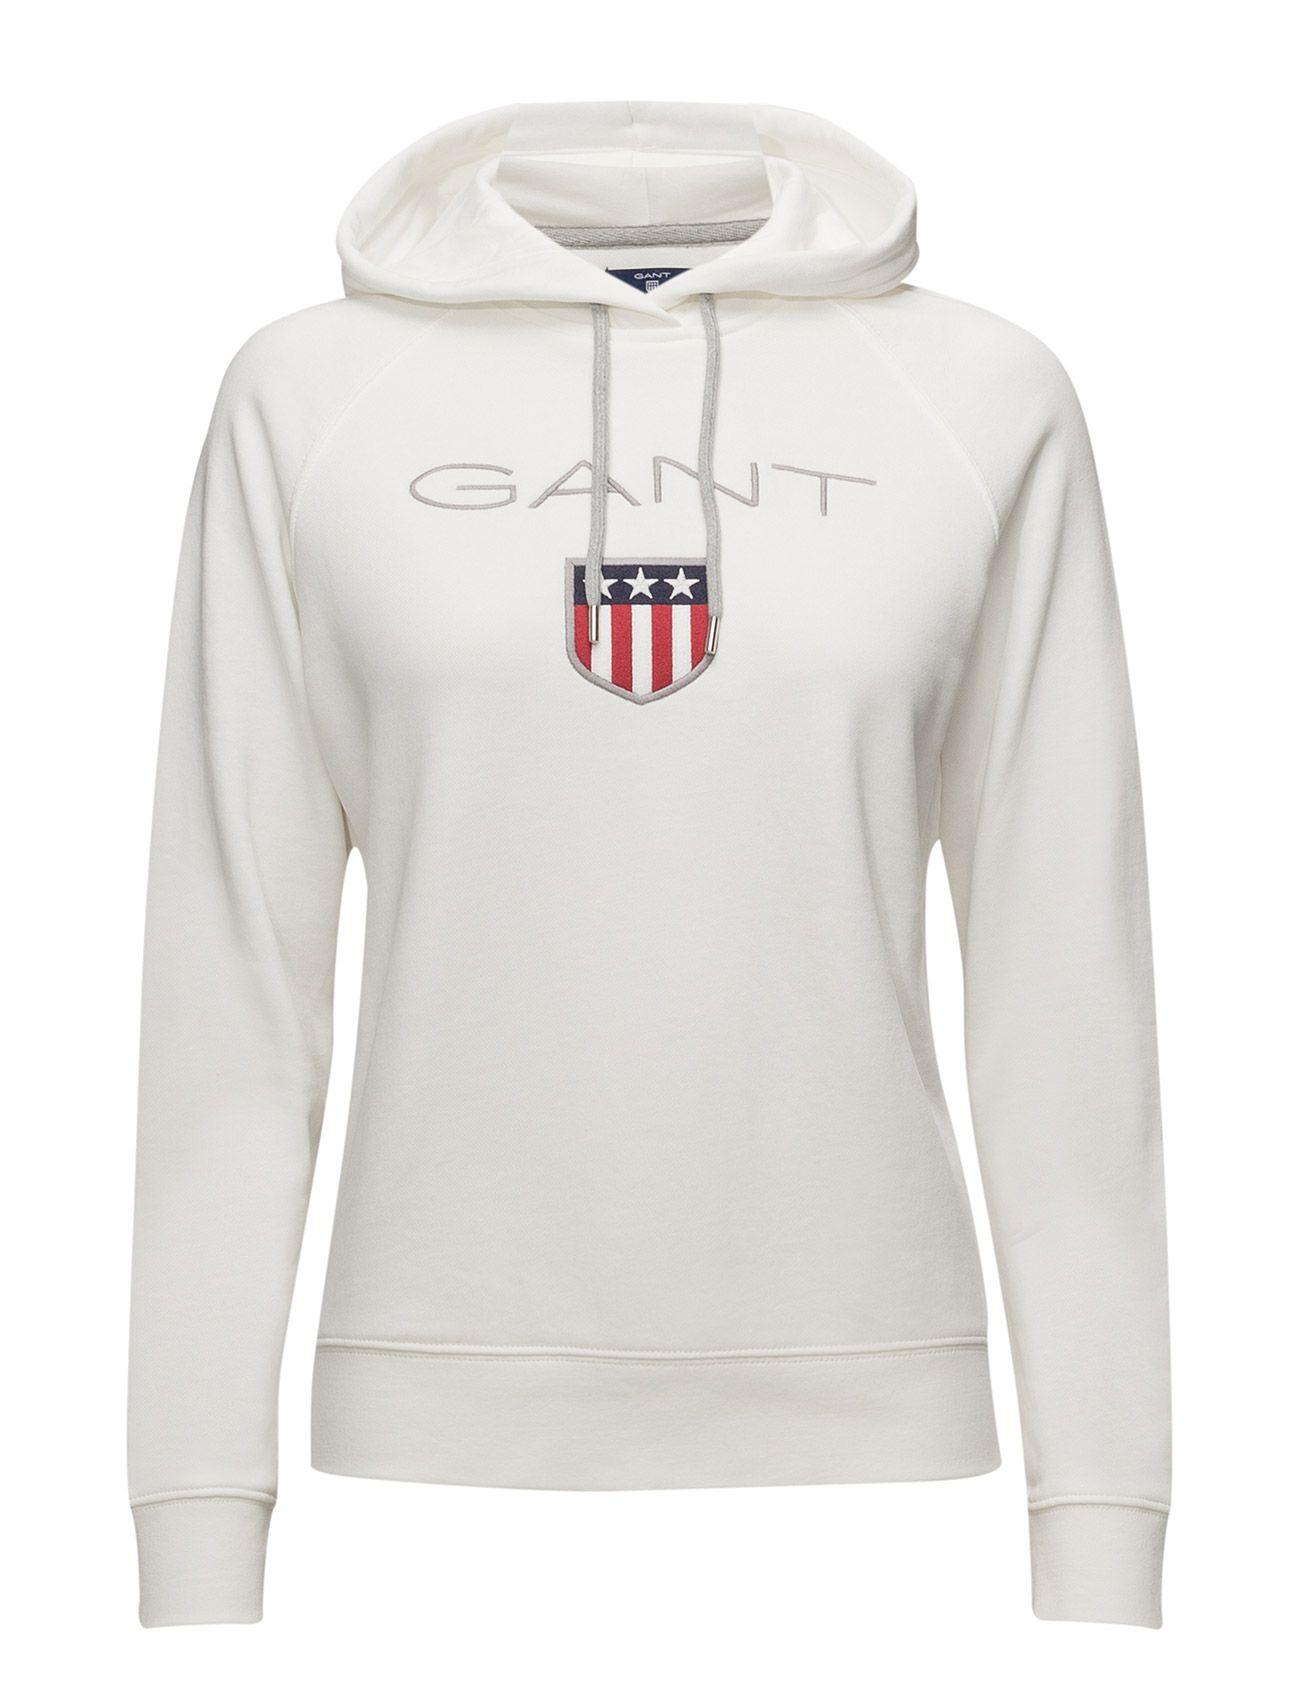 storlek 40 bra ut x förboka Gant shield sweat hoodie i 2020 | Hoodie, Kläder och Snygga kläder